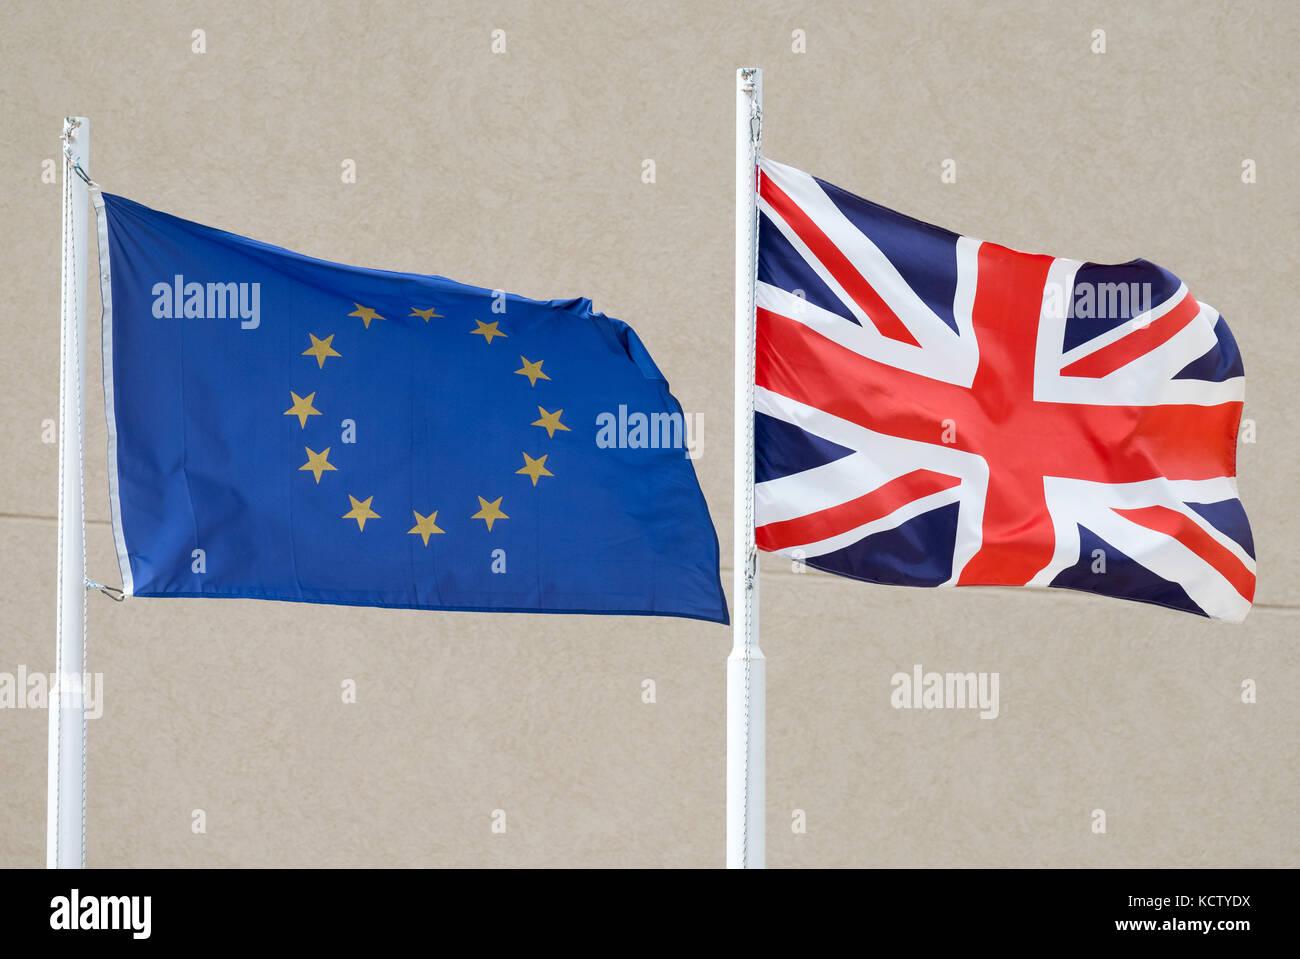 Die Europäische Union und die britische (Union Jack) Fahnen wehen, der Seite an Seite in Zypern. Stockbild